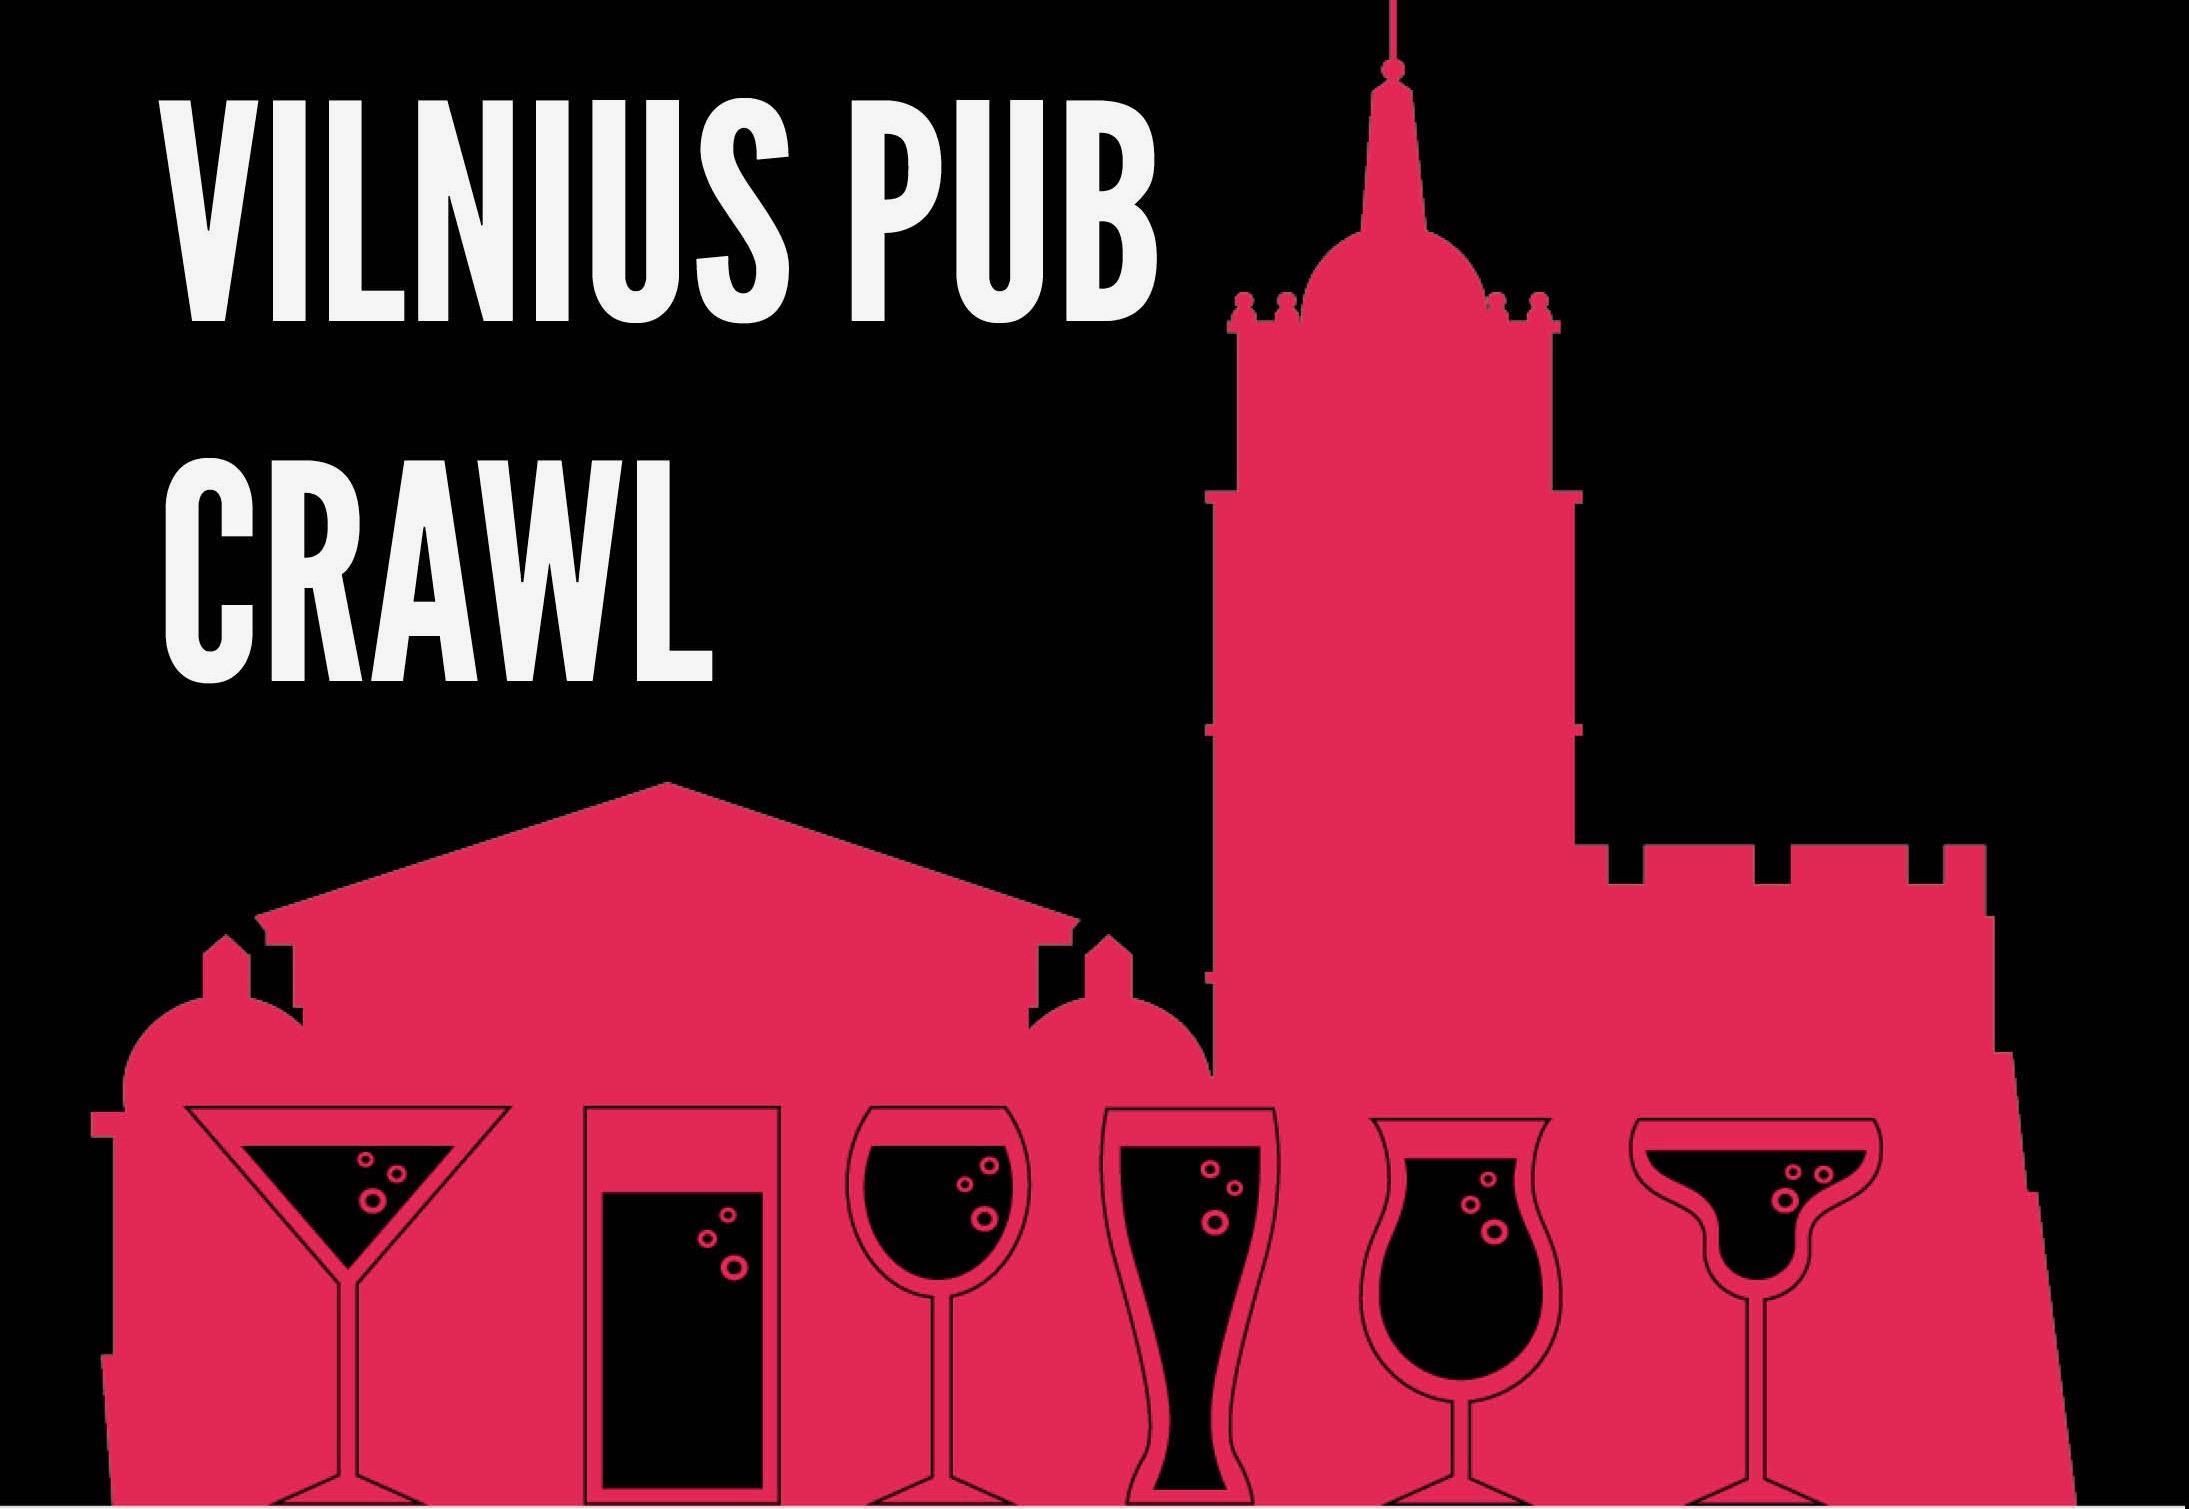 Vilnius Pub Crawl